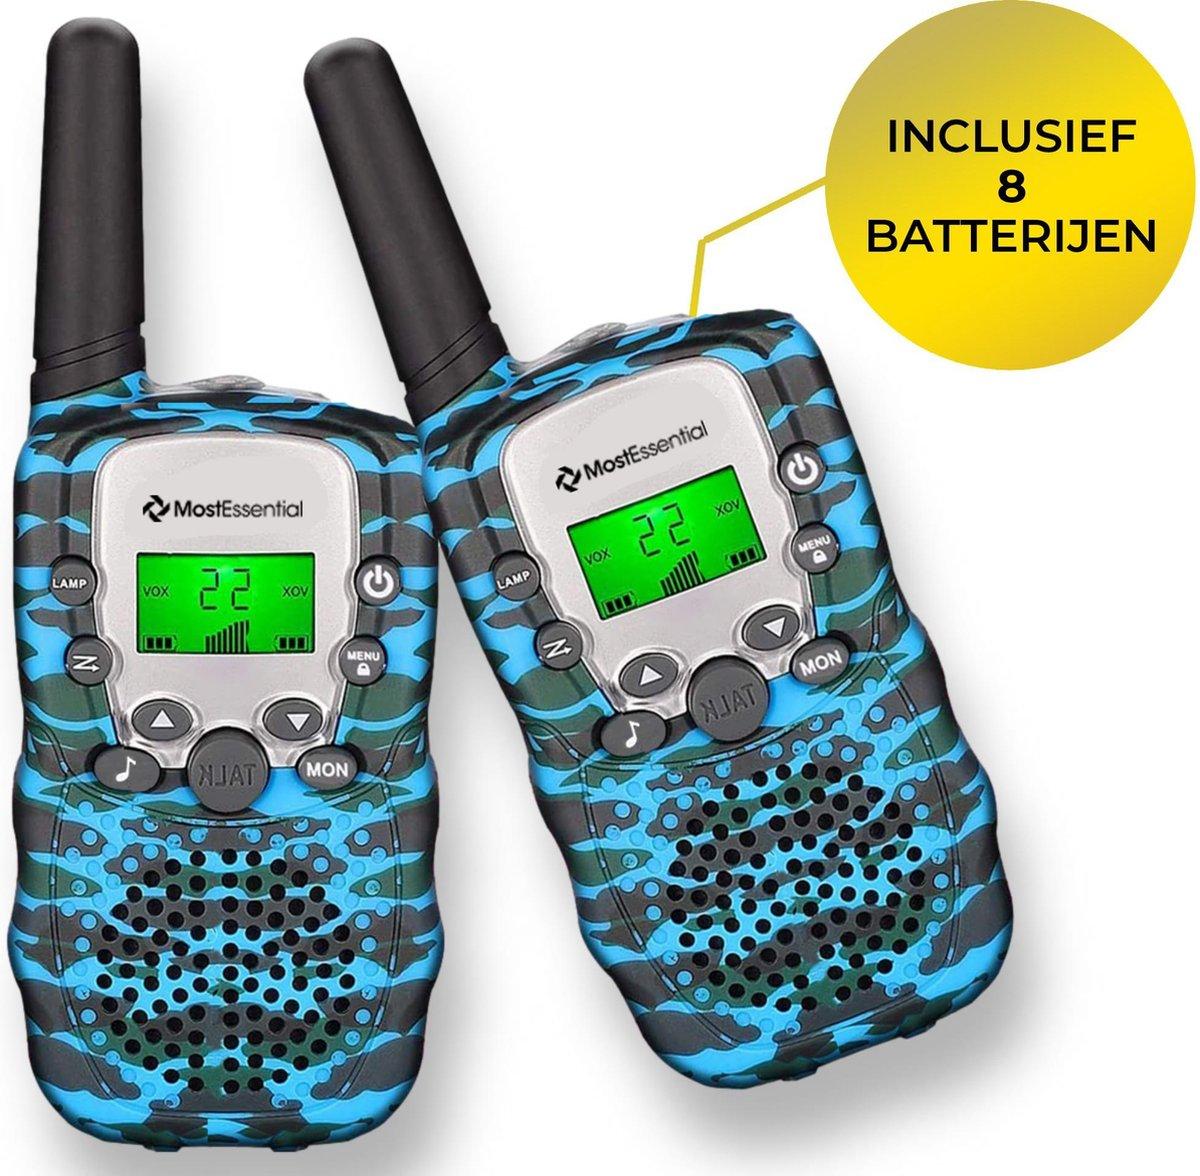 MostEssential Premium Walkie Talkie voor Kinderen - Walkie Talkie - Portofoon - Inclusief 8 Batterijen - Blauw